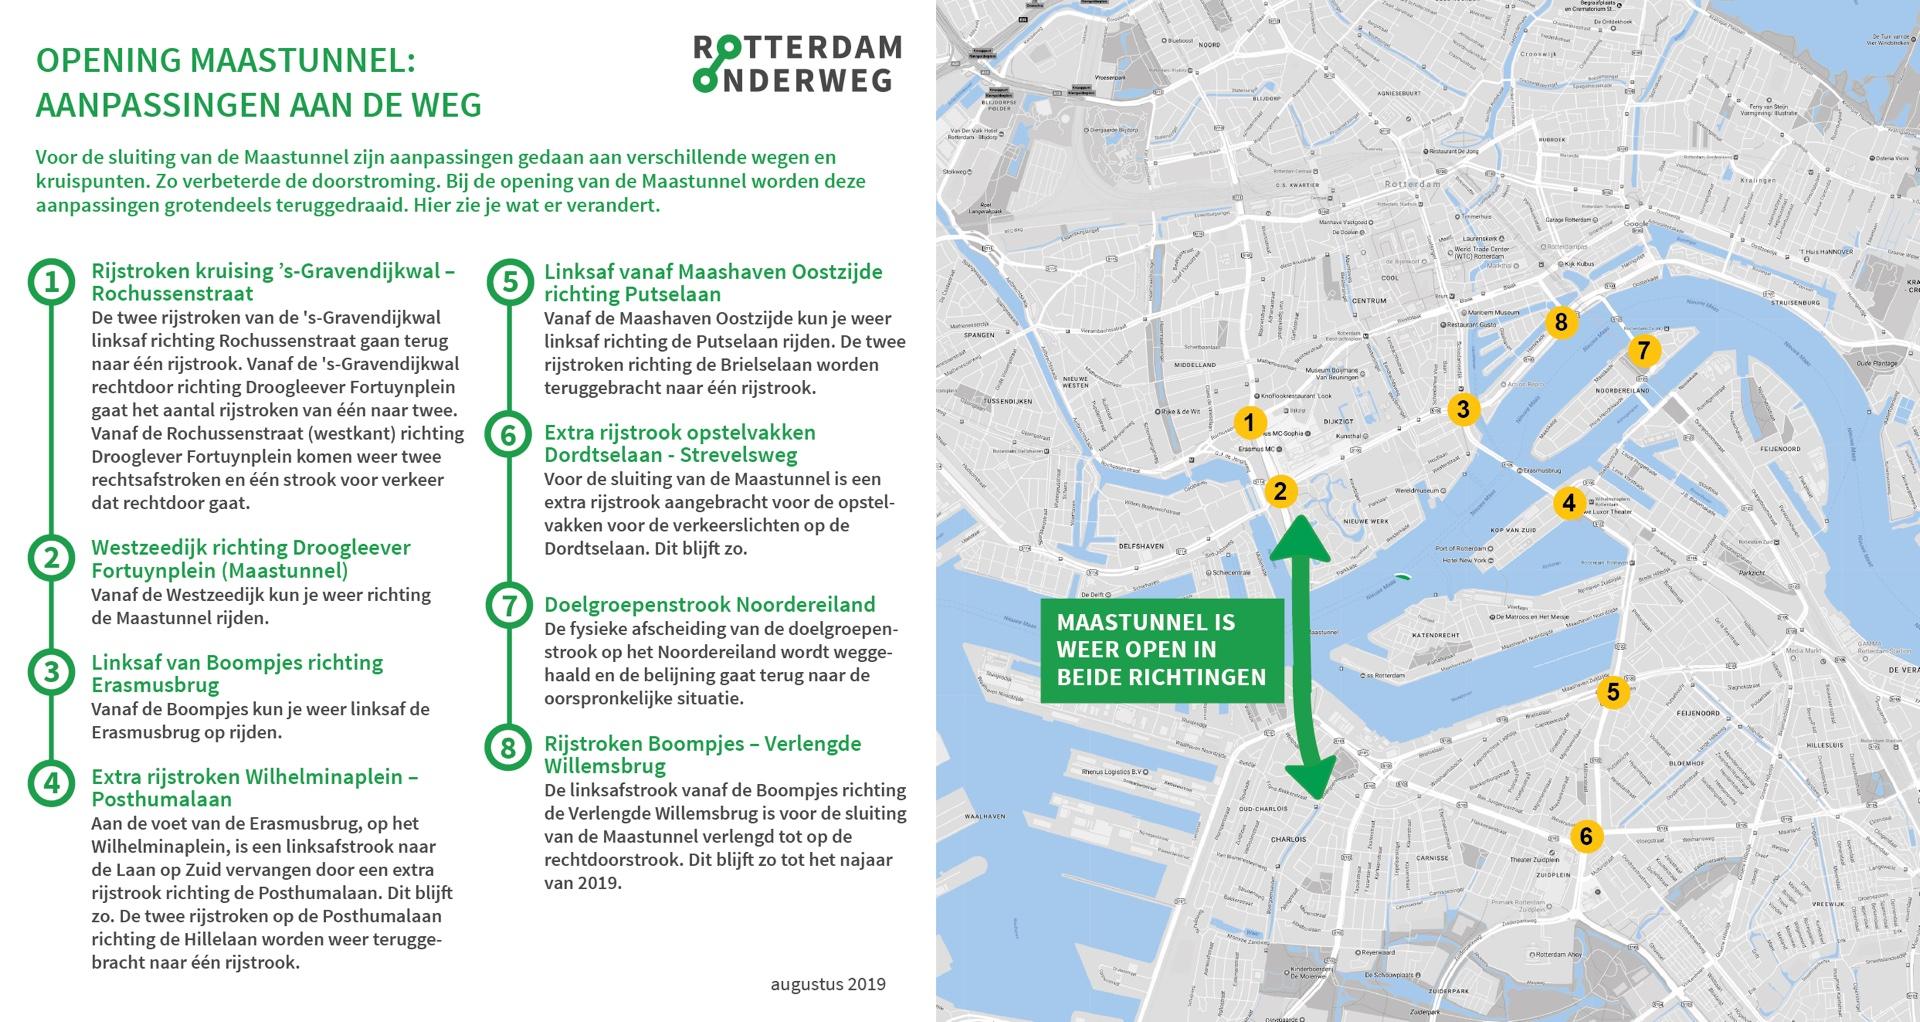 20190806 Infographic aanpassingen opening Maastunnel DEF small.jpg